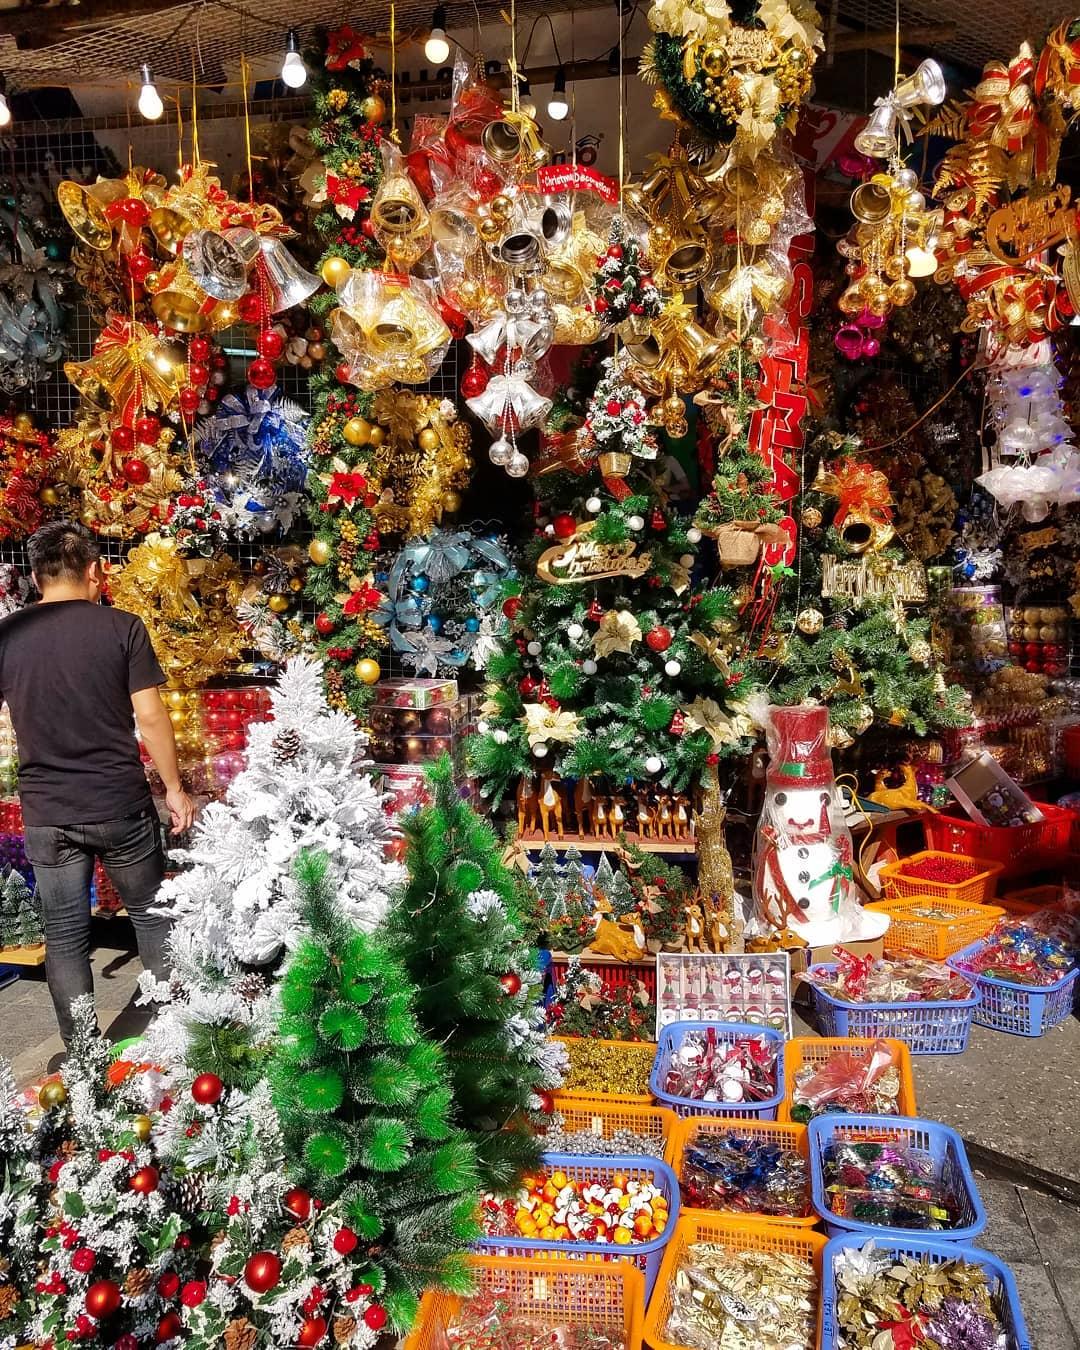 Lên đồ check in ngay phố Hàng Mã rực rỡ sắc màu Noel dù Giáng Sinh chưa đến